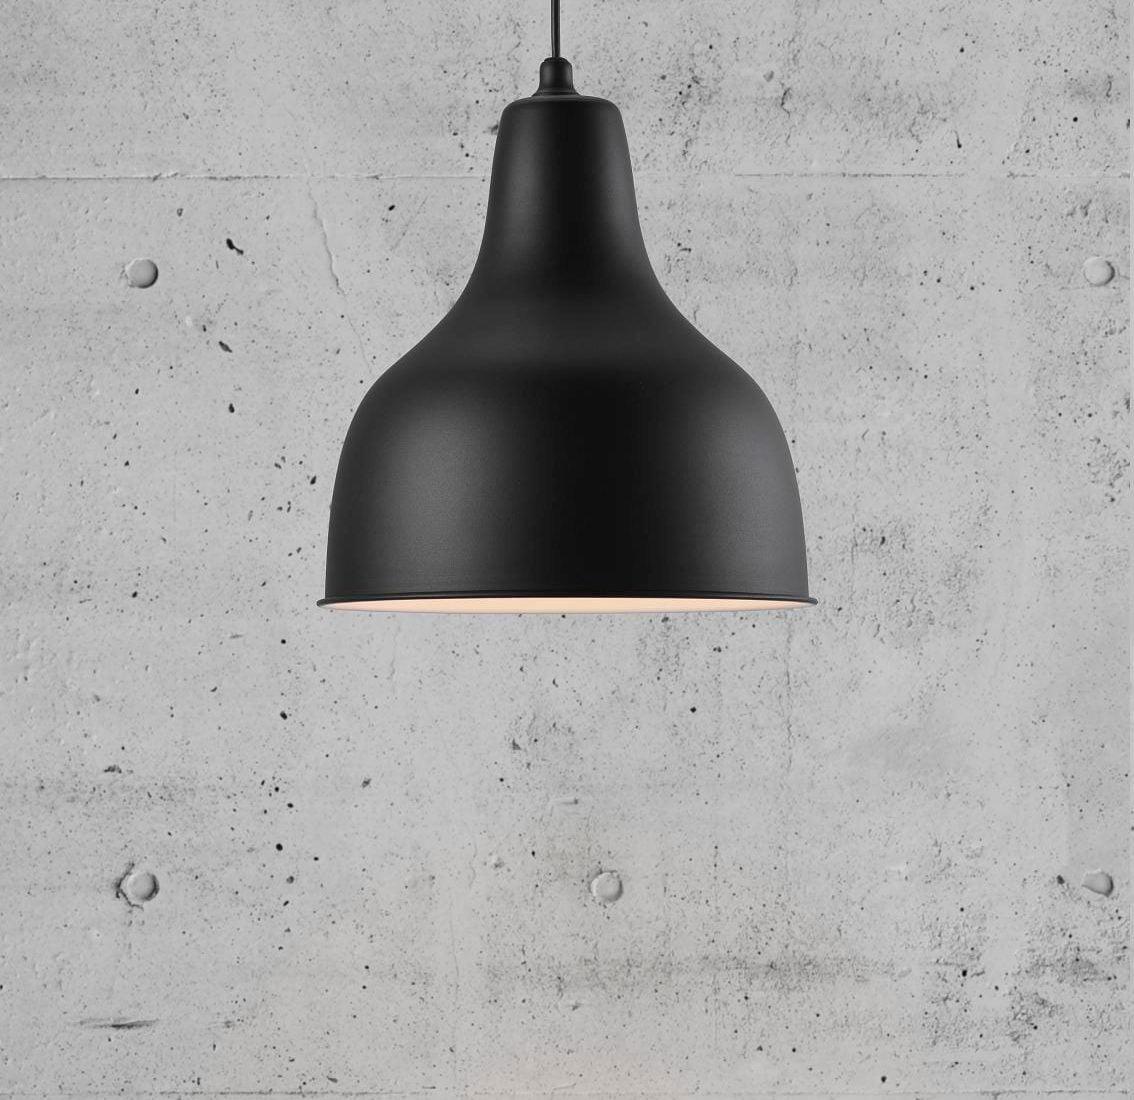 Ames šviestuvas 46533003 | Nordlux